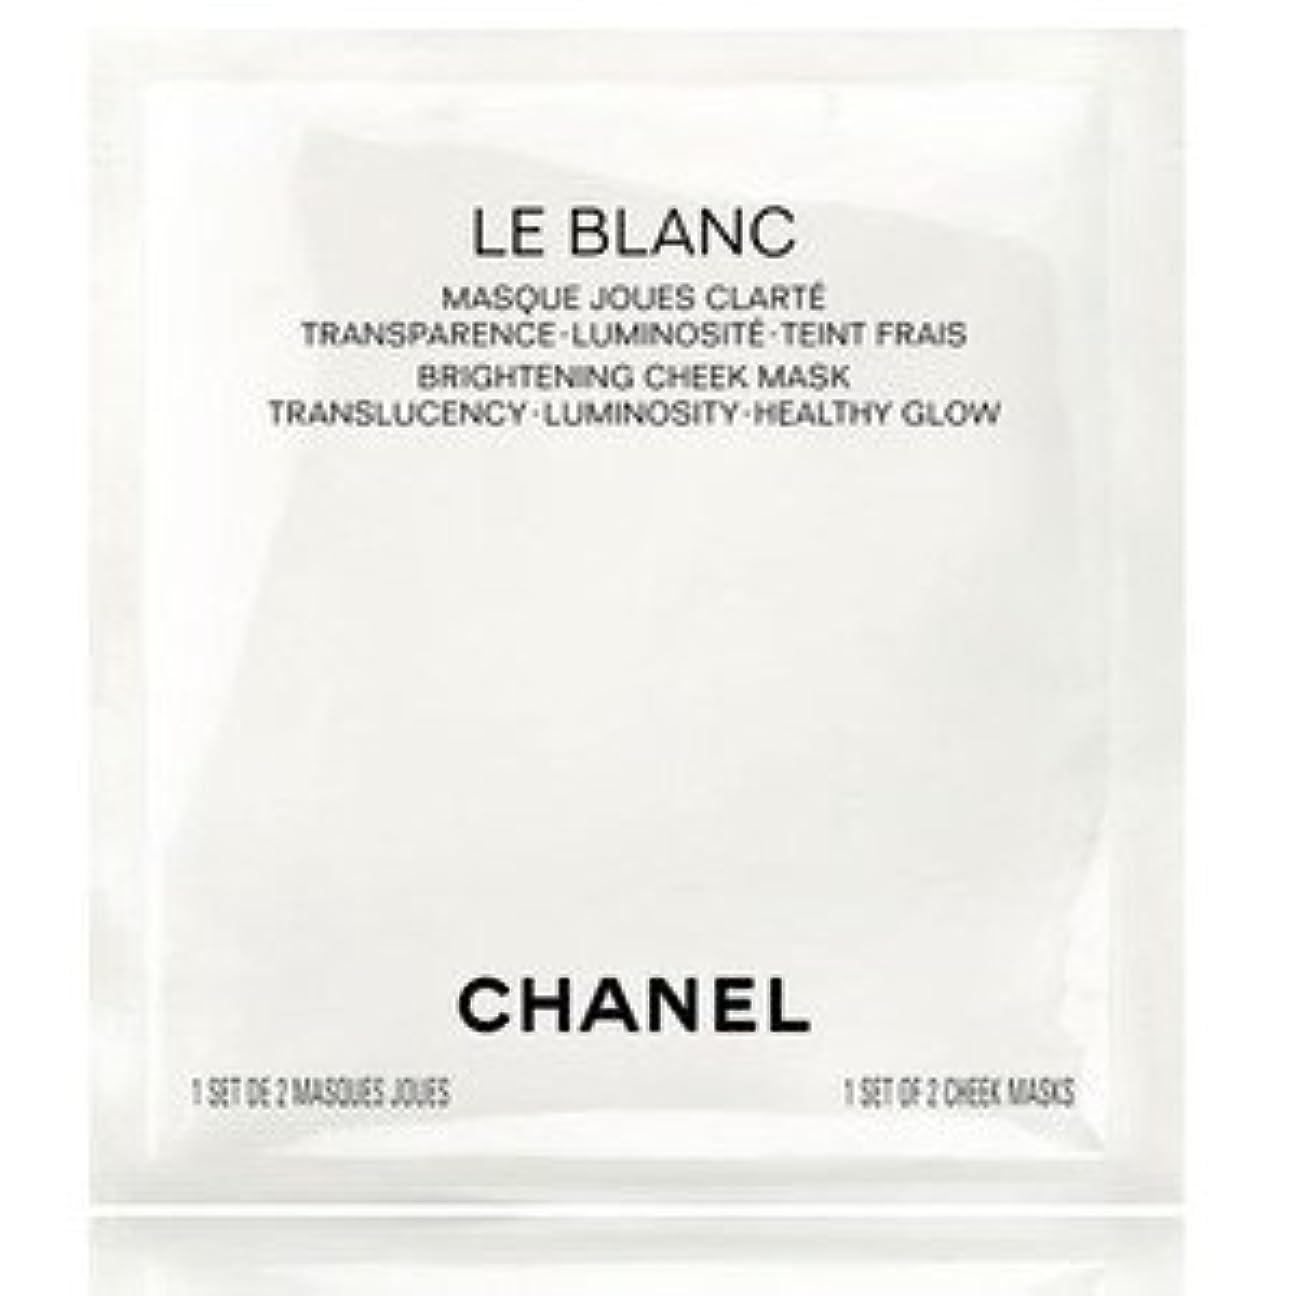 手支配する値するシャネル ル ブラン チーク マスク 7ml(ミニ)